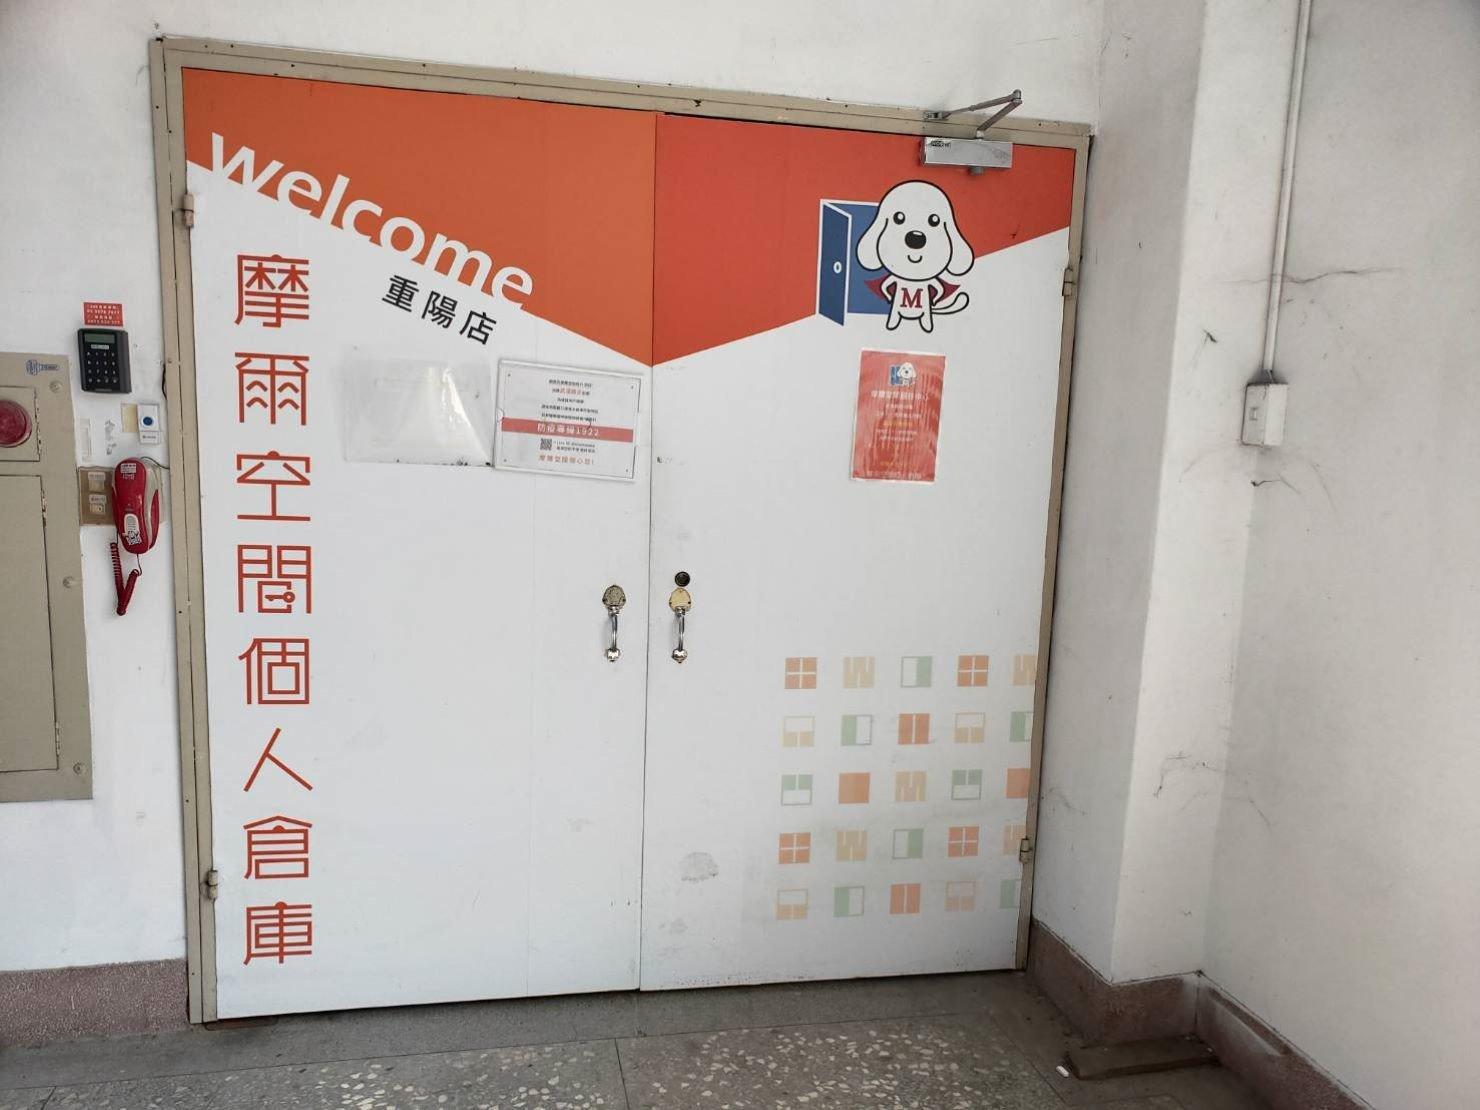 搬家【榮福搬家公司】台北搬家公司、新北搬家、口碑第一、台北搬家推薦:摩爾空間是一家知名的租借倉儲空間的公司,可提供您暫時將物件放置且安全有保障。